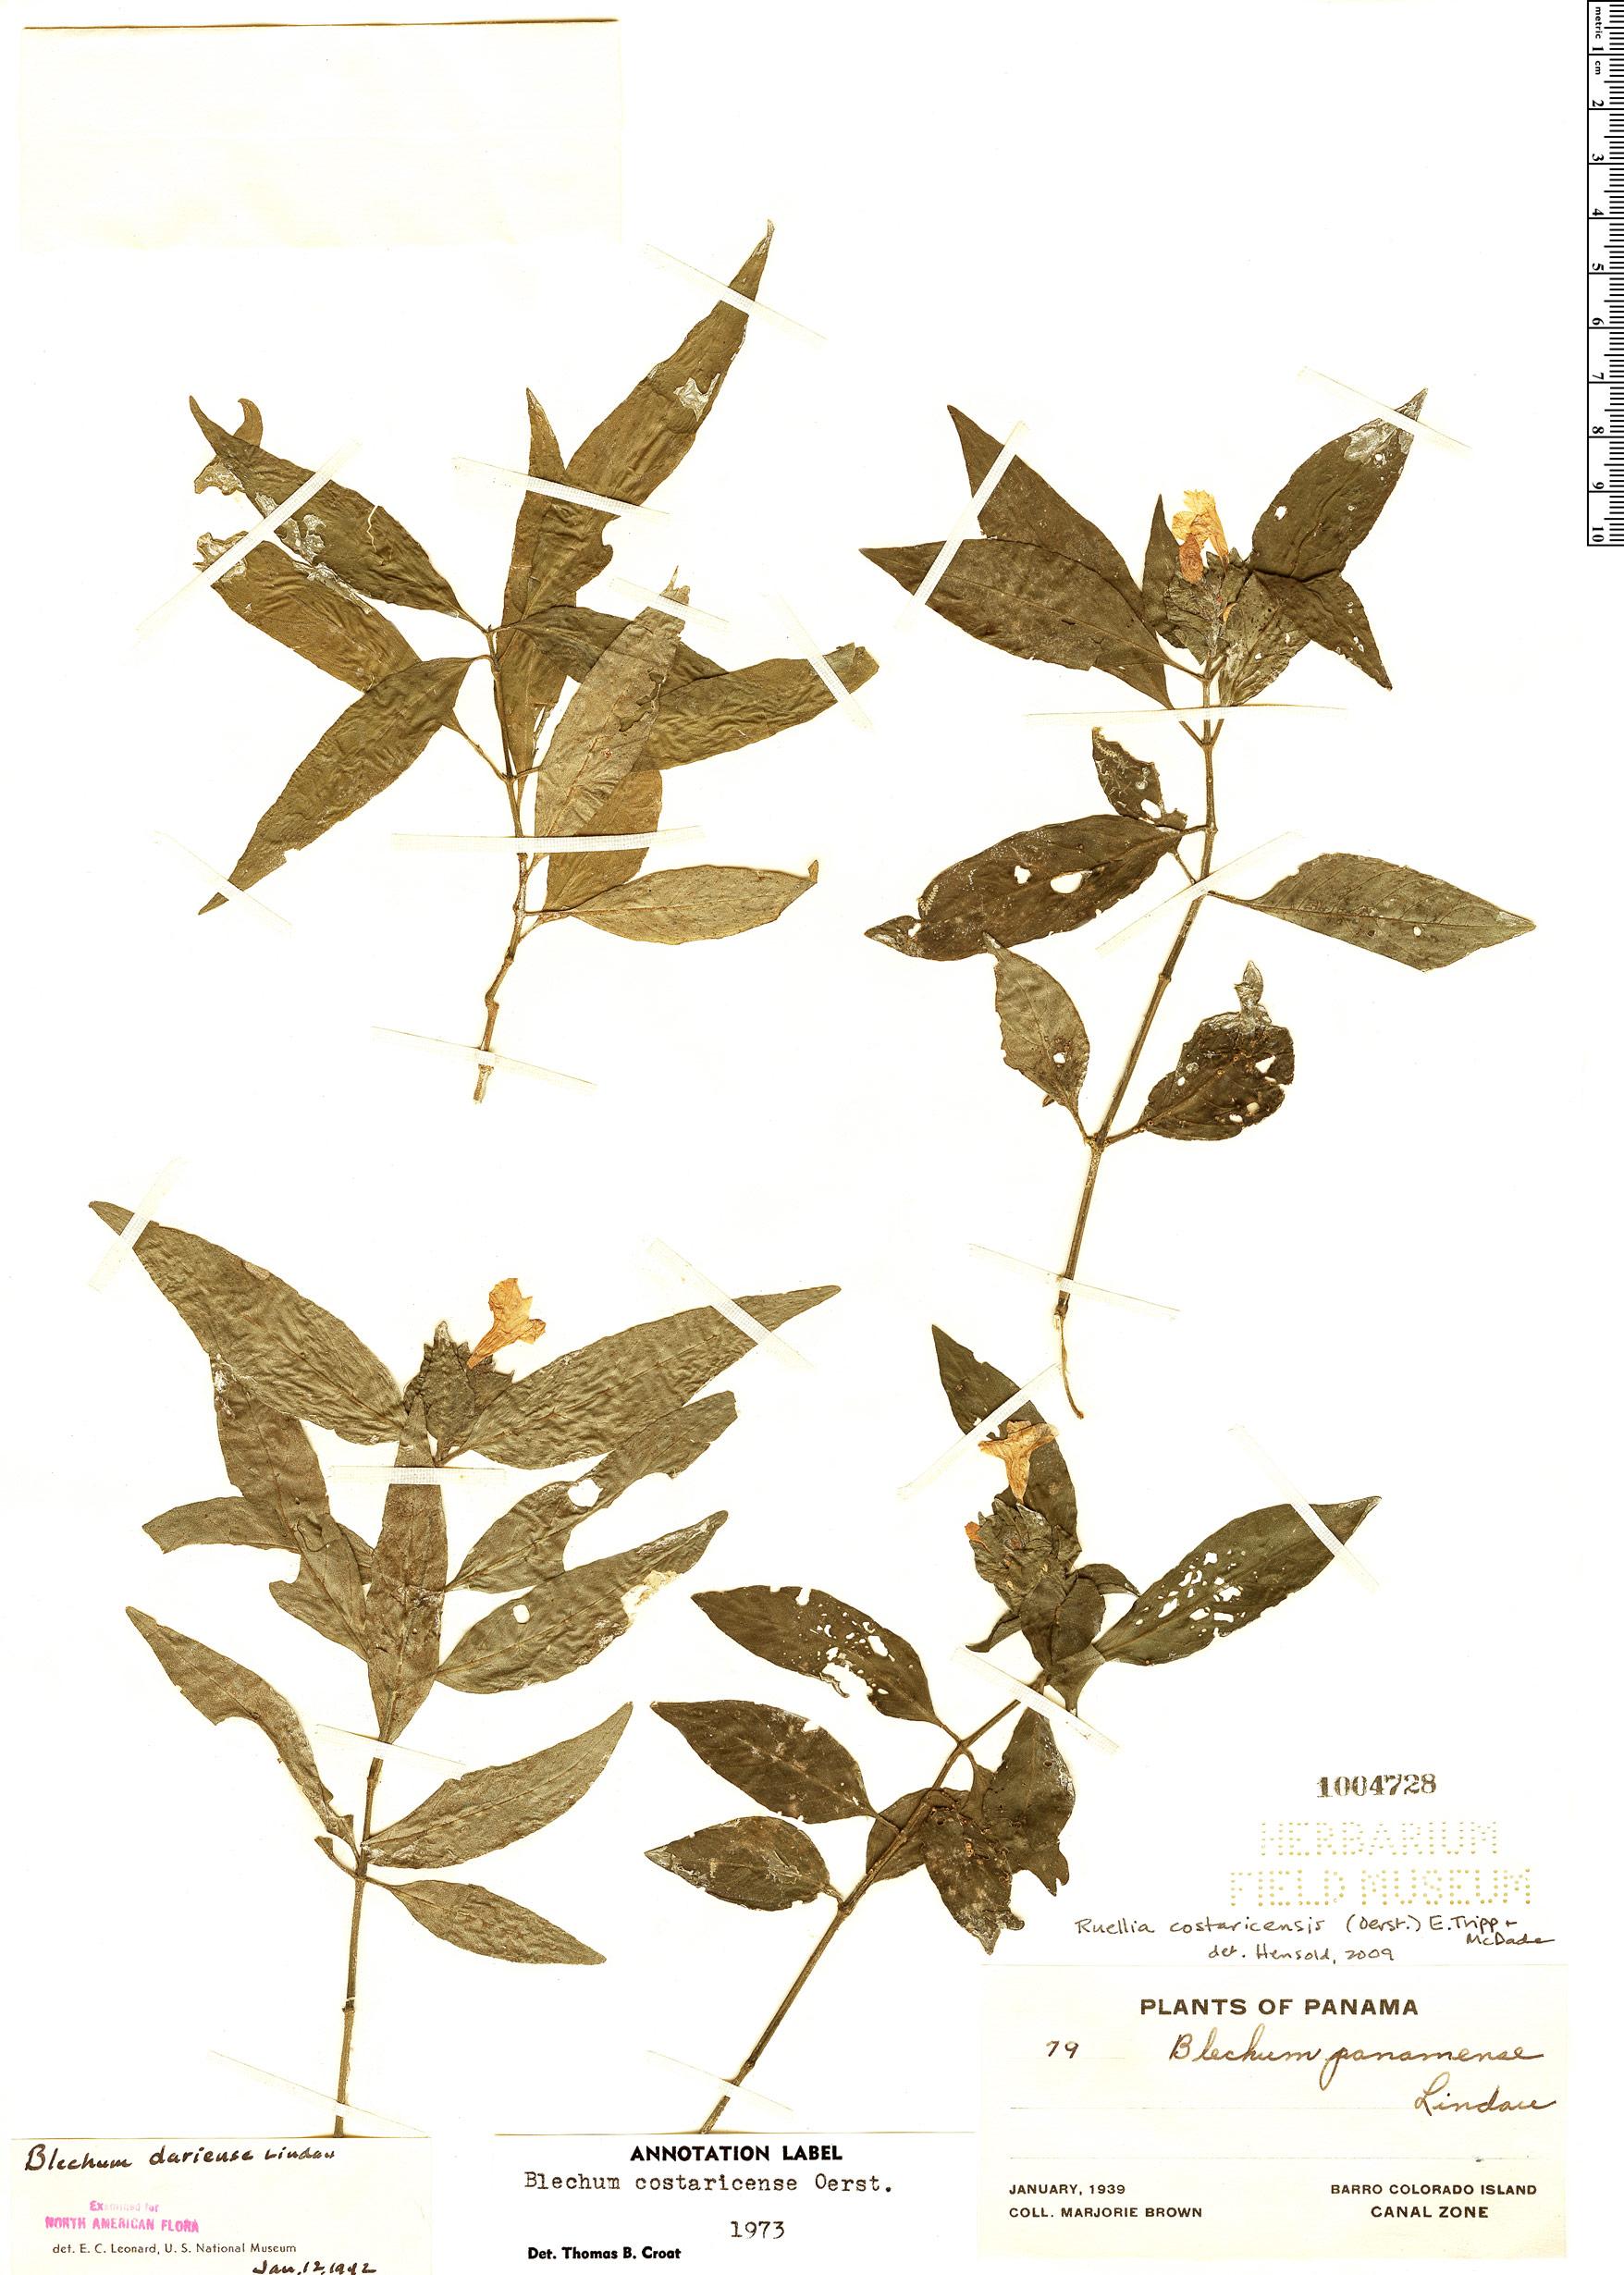 Specimen: Ruellia costaricensis